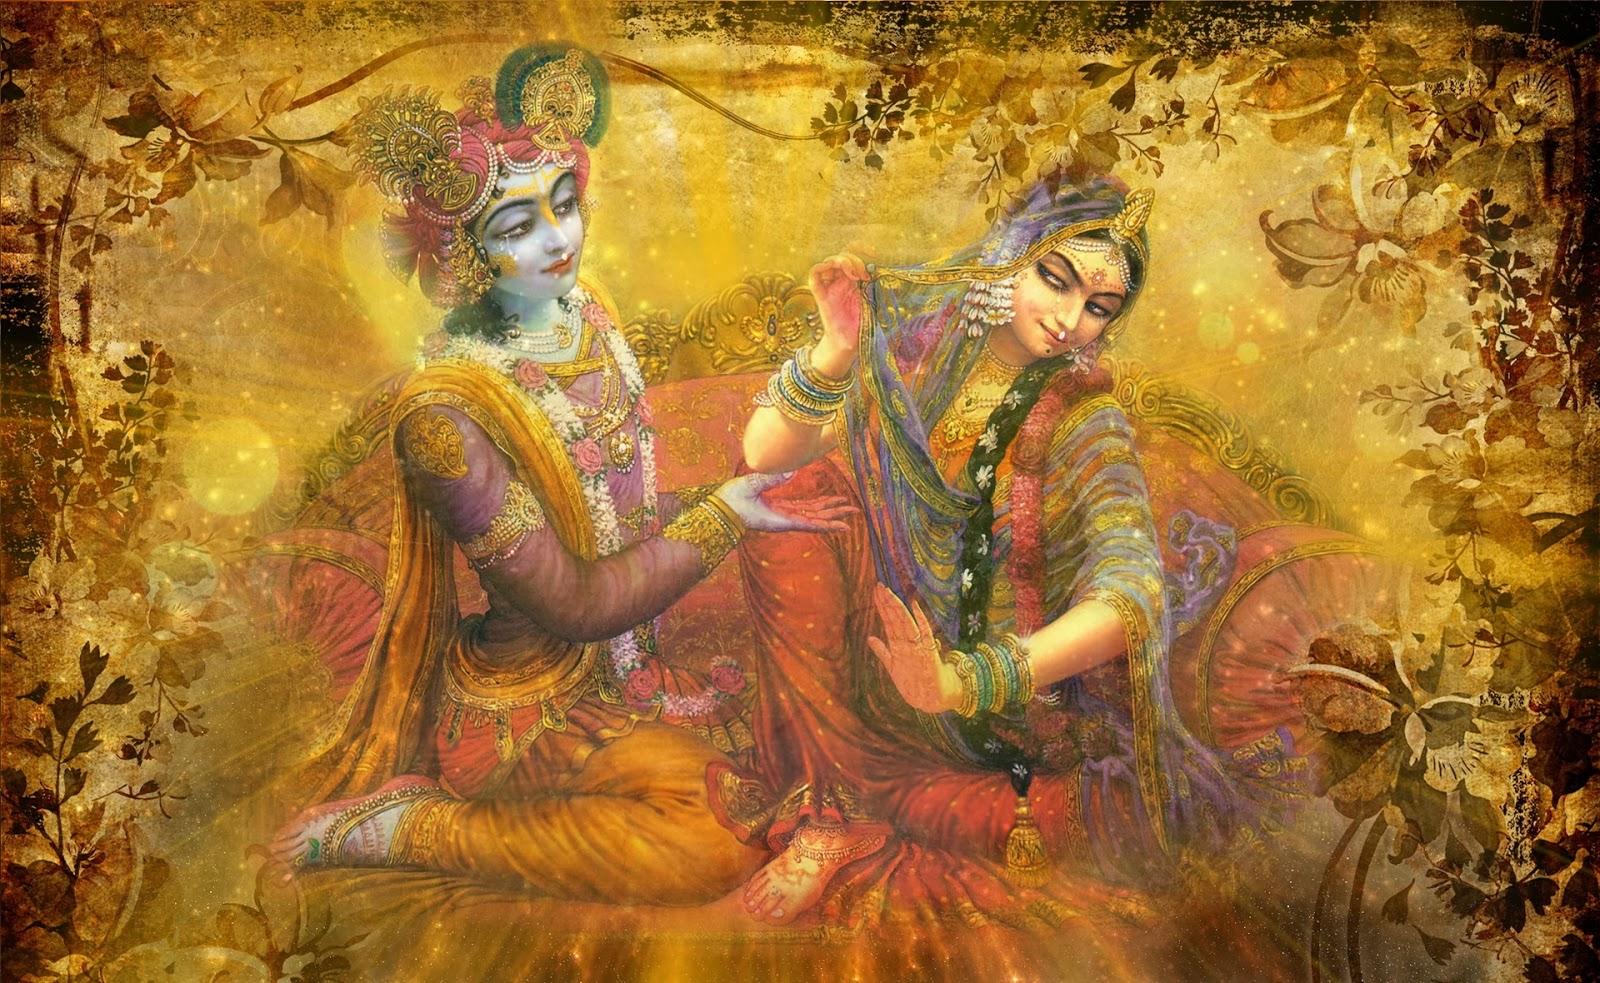 Happy holi radha krishna images - Holi 2014 Wallpapers Radha Krishna In Holi